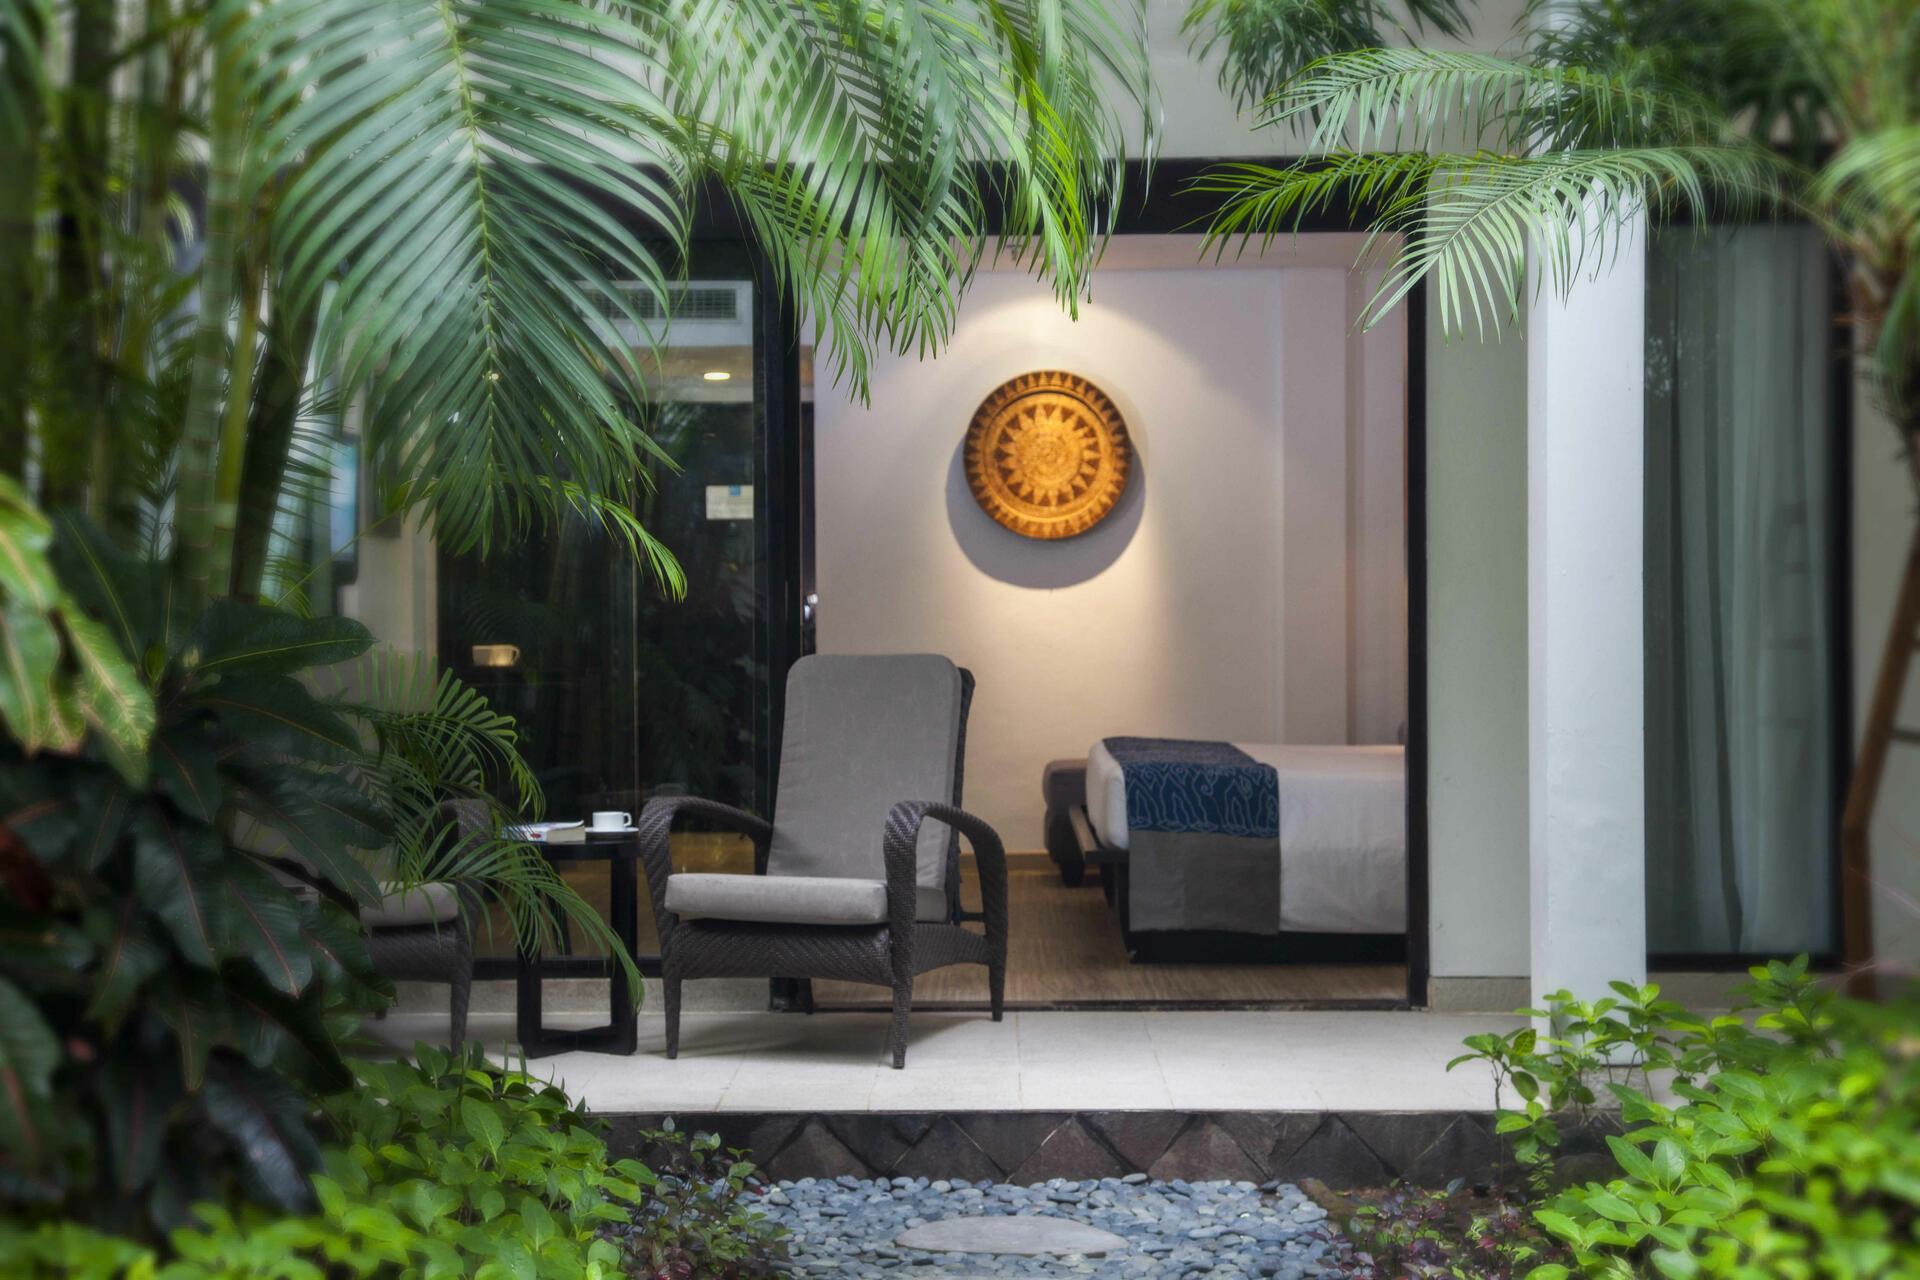 Deluxe Garden Terrace | Bali Getaway & Private Terrace, Scenic G